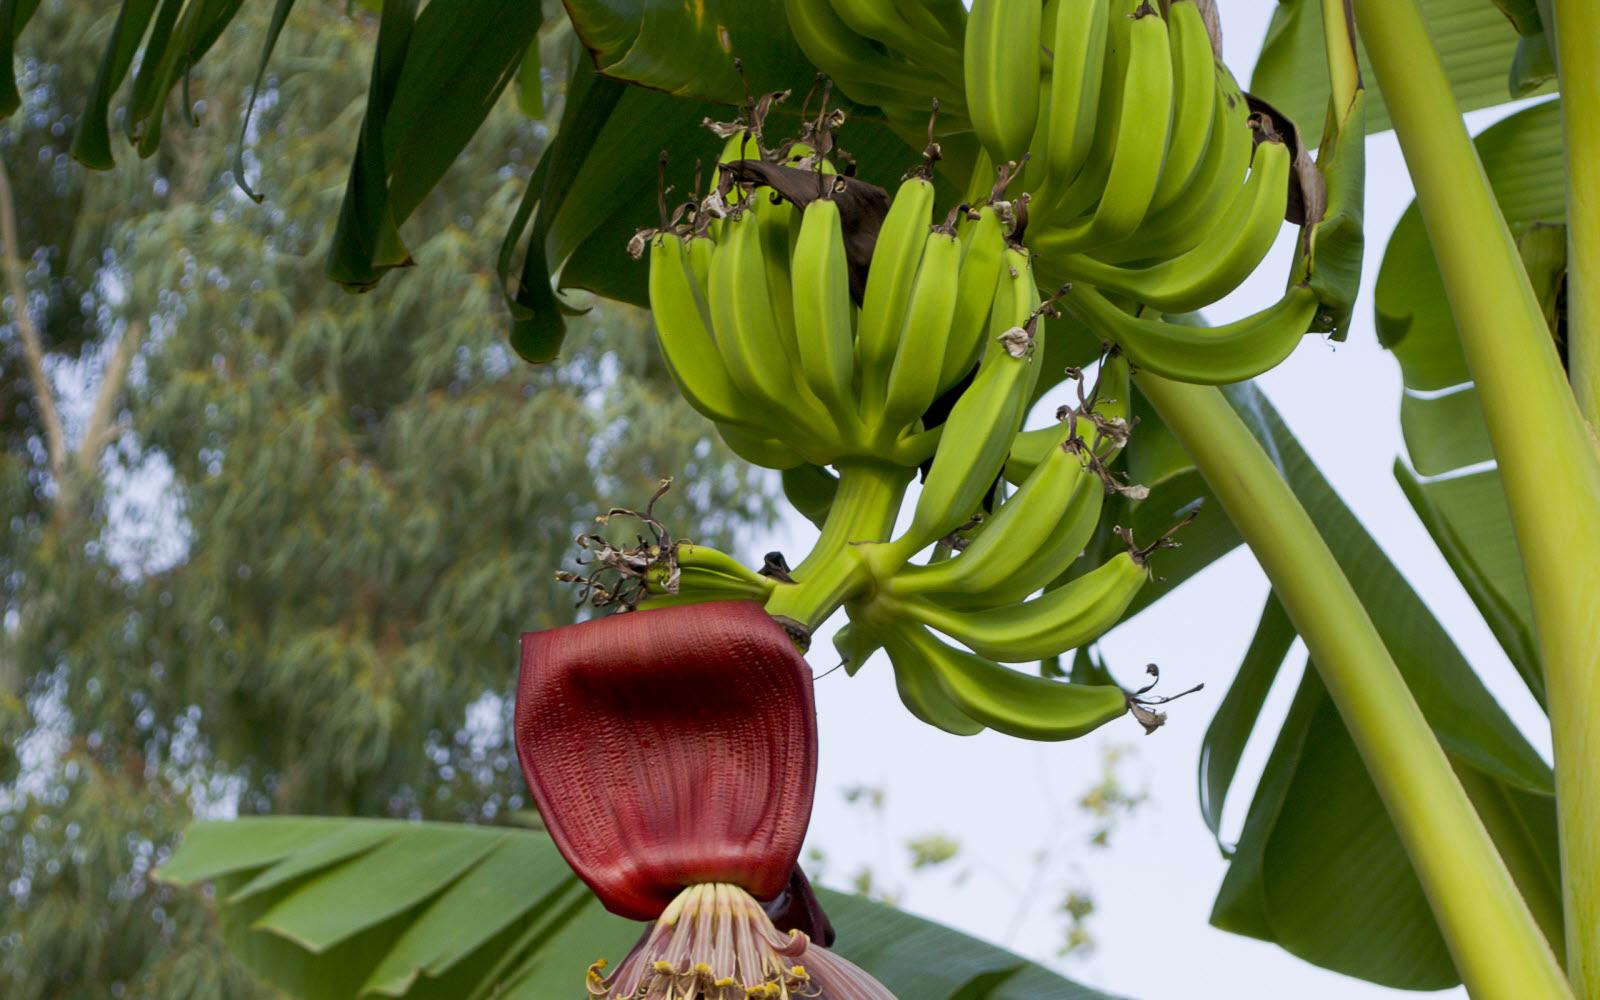 موز به صورت خوشه ای روی درخت رشد می کند.